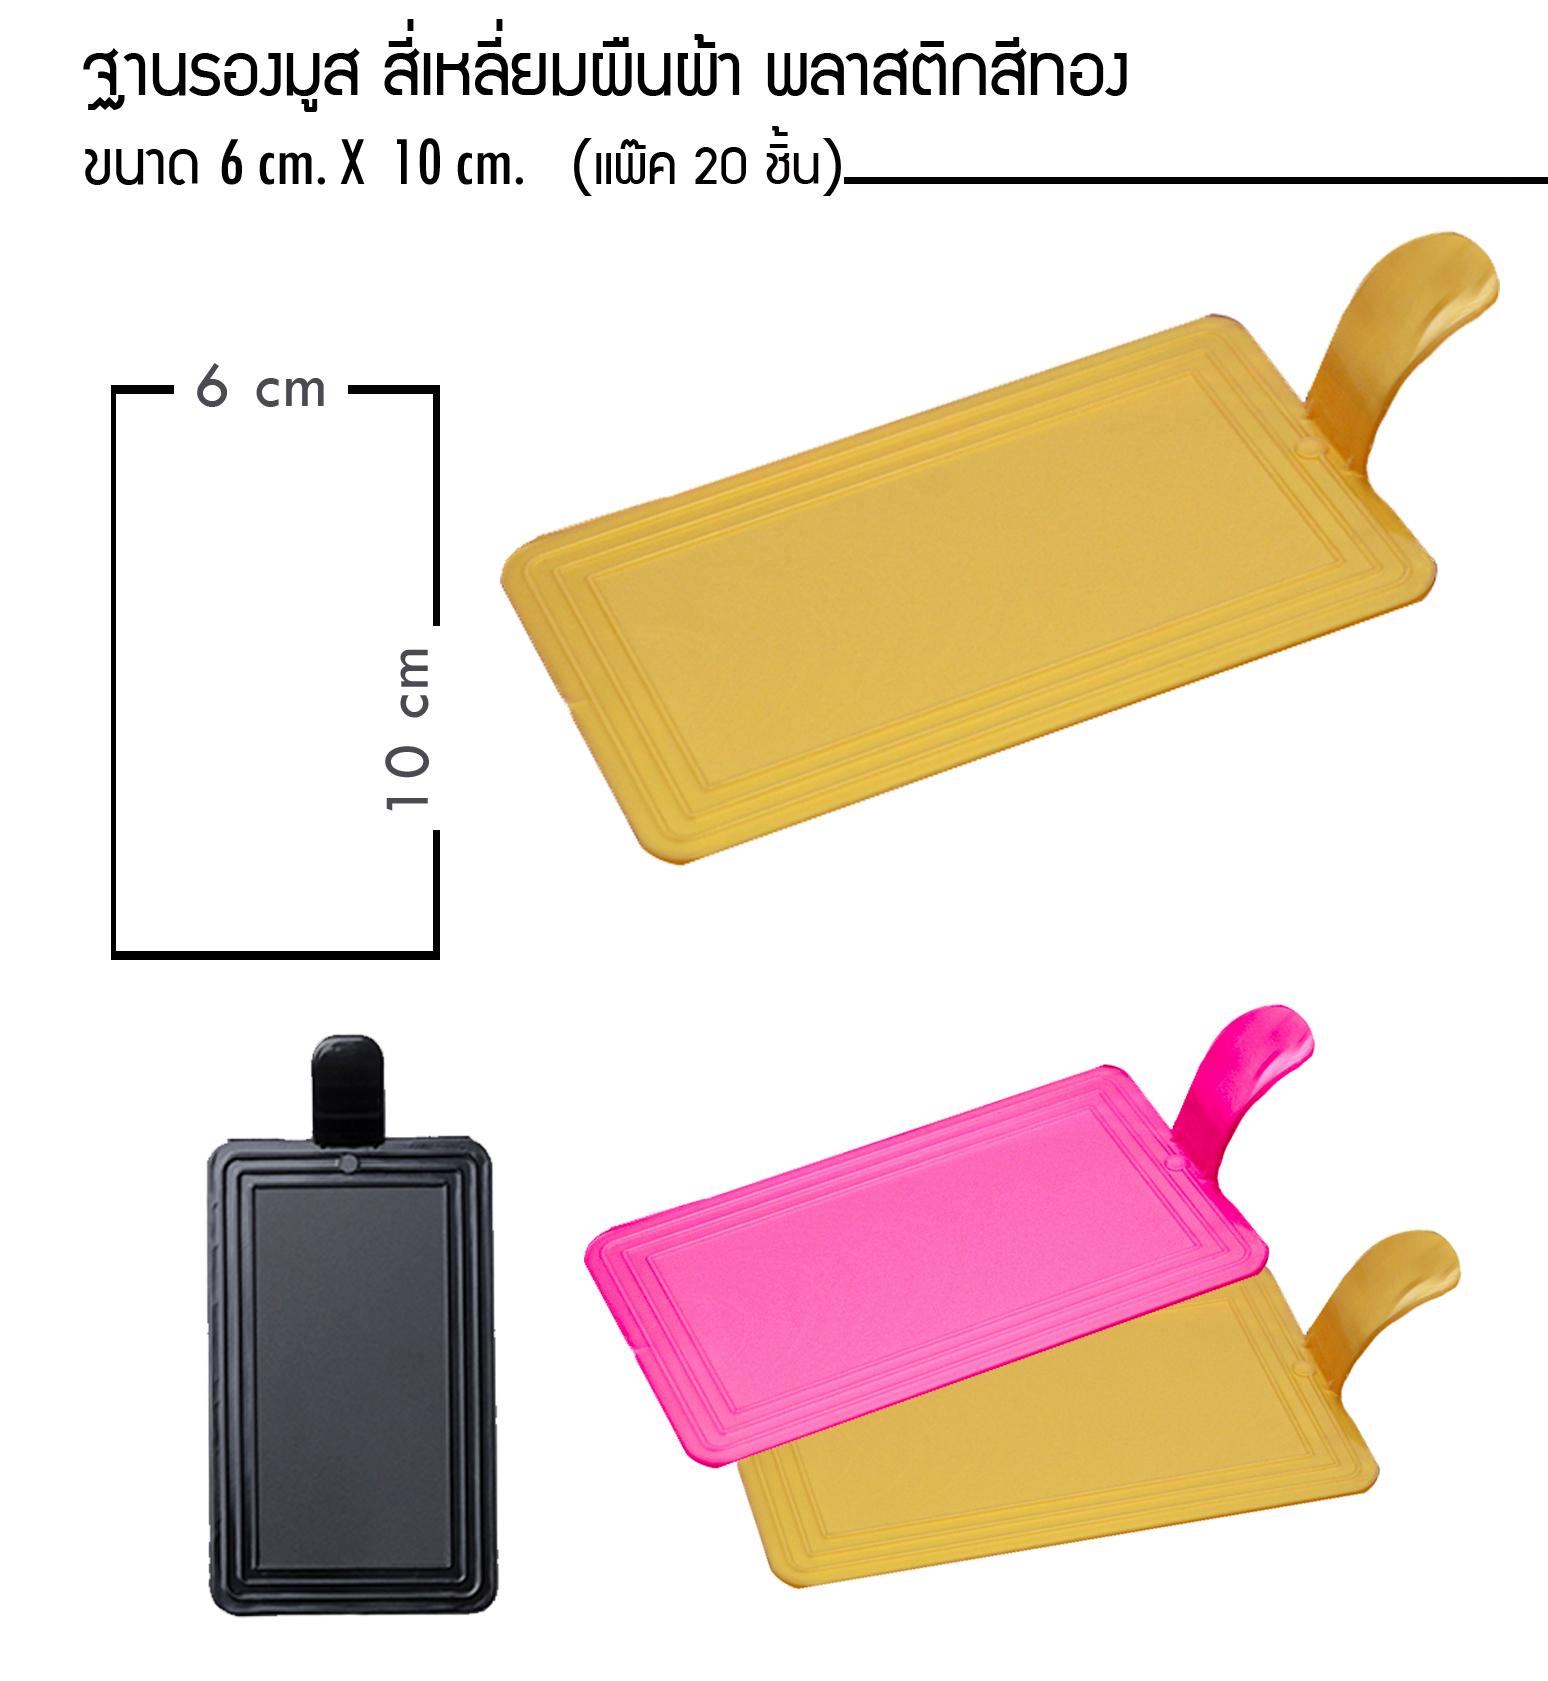 ฐานรองมูส สี่เหลี่ยมผืนผ้า พลาสติกทอง (ขนาด 6 cm X 10 cm ) แพ๊ค 20ชิ้น